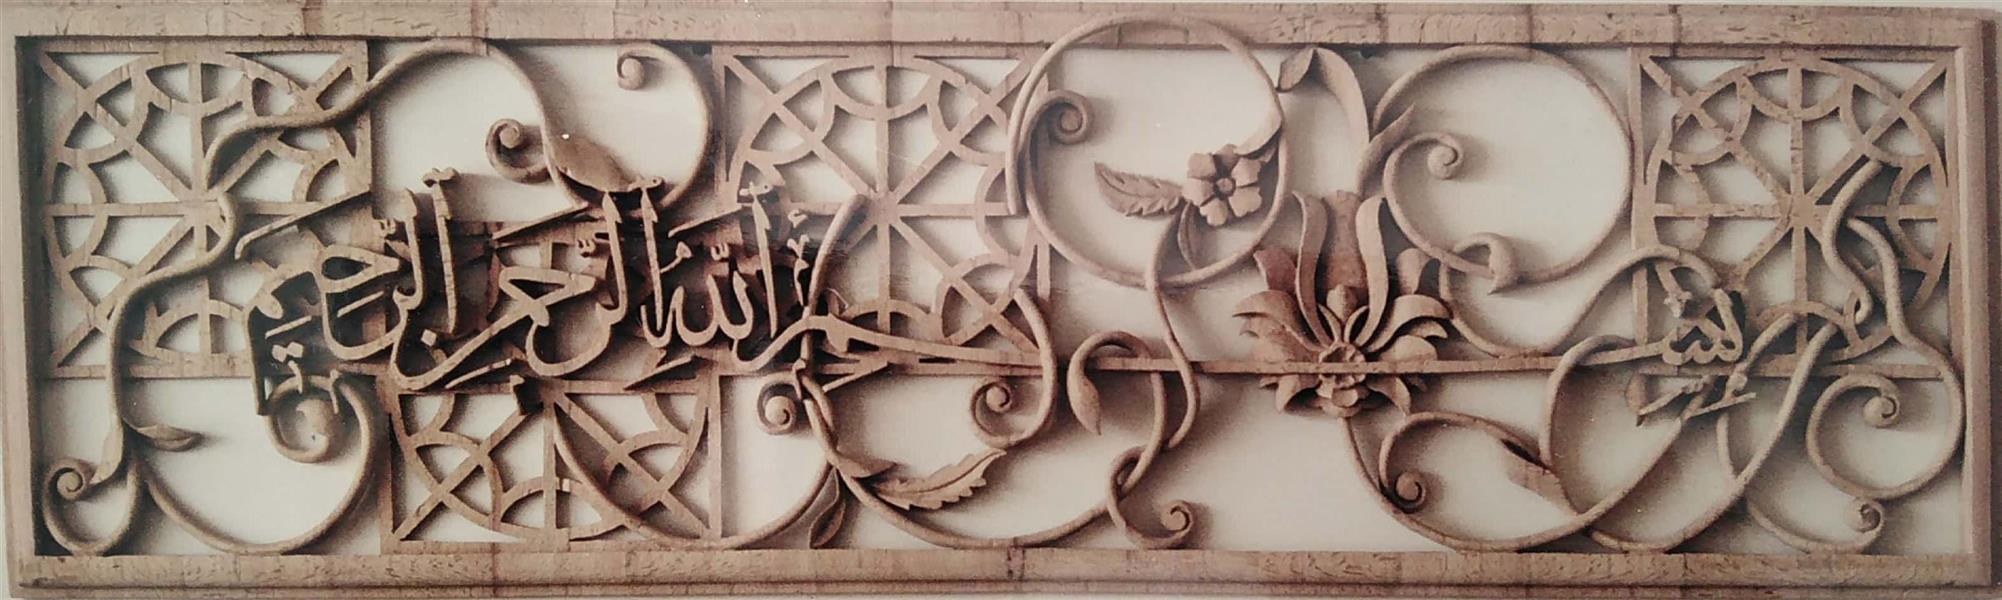 هنر سایر محفل سایر هنر ها مرتضی افشاری #منبت و مشبک، چوب یکپارچه راش